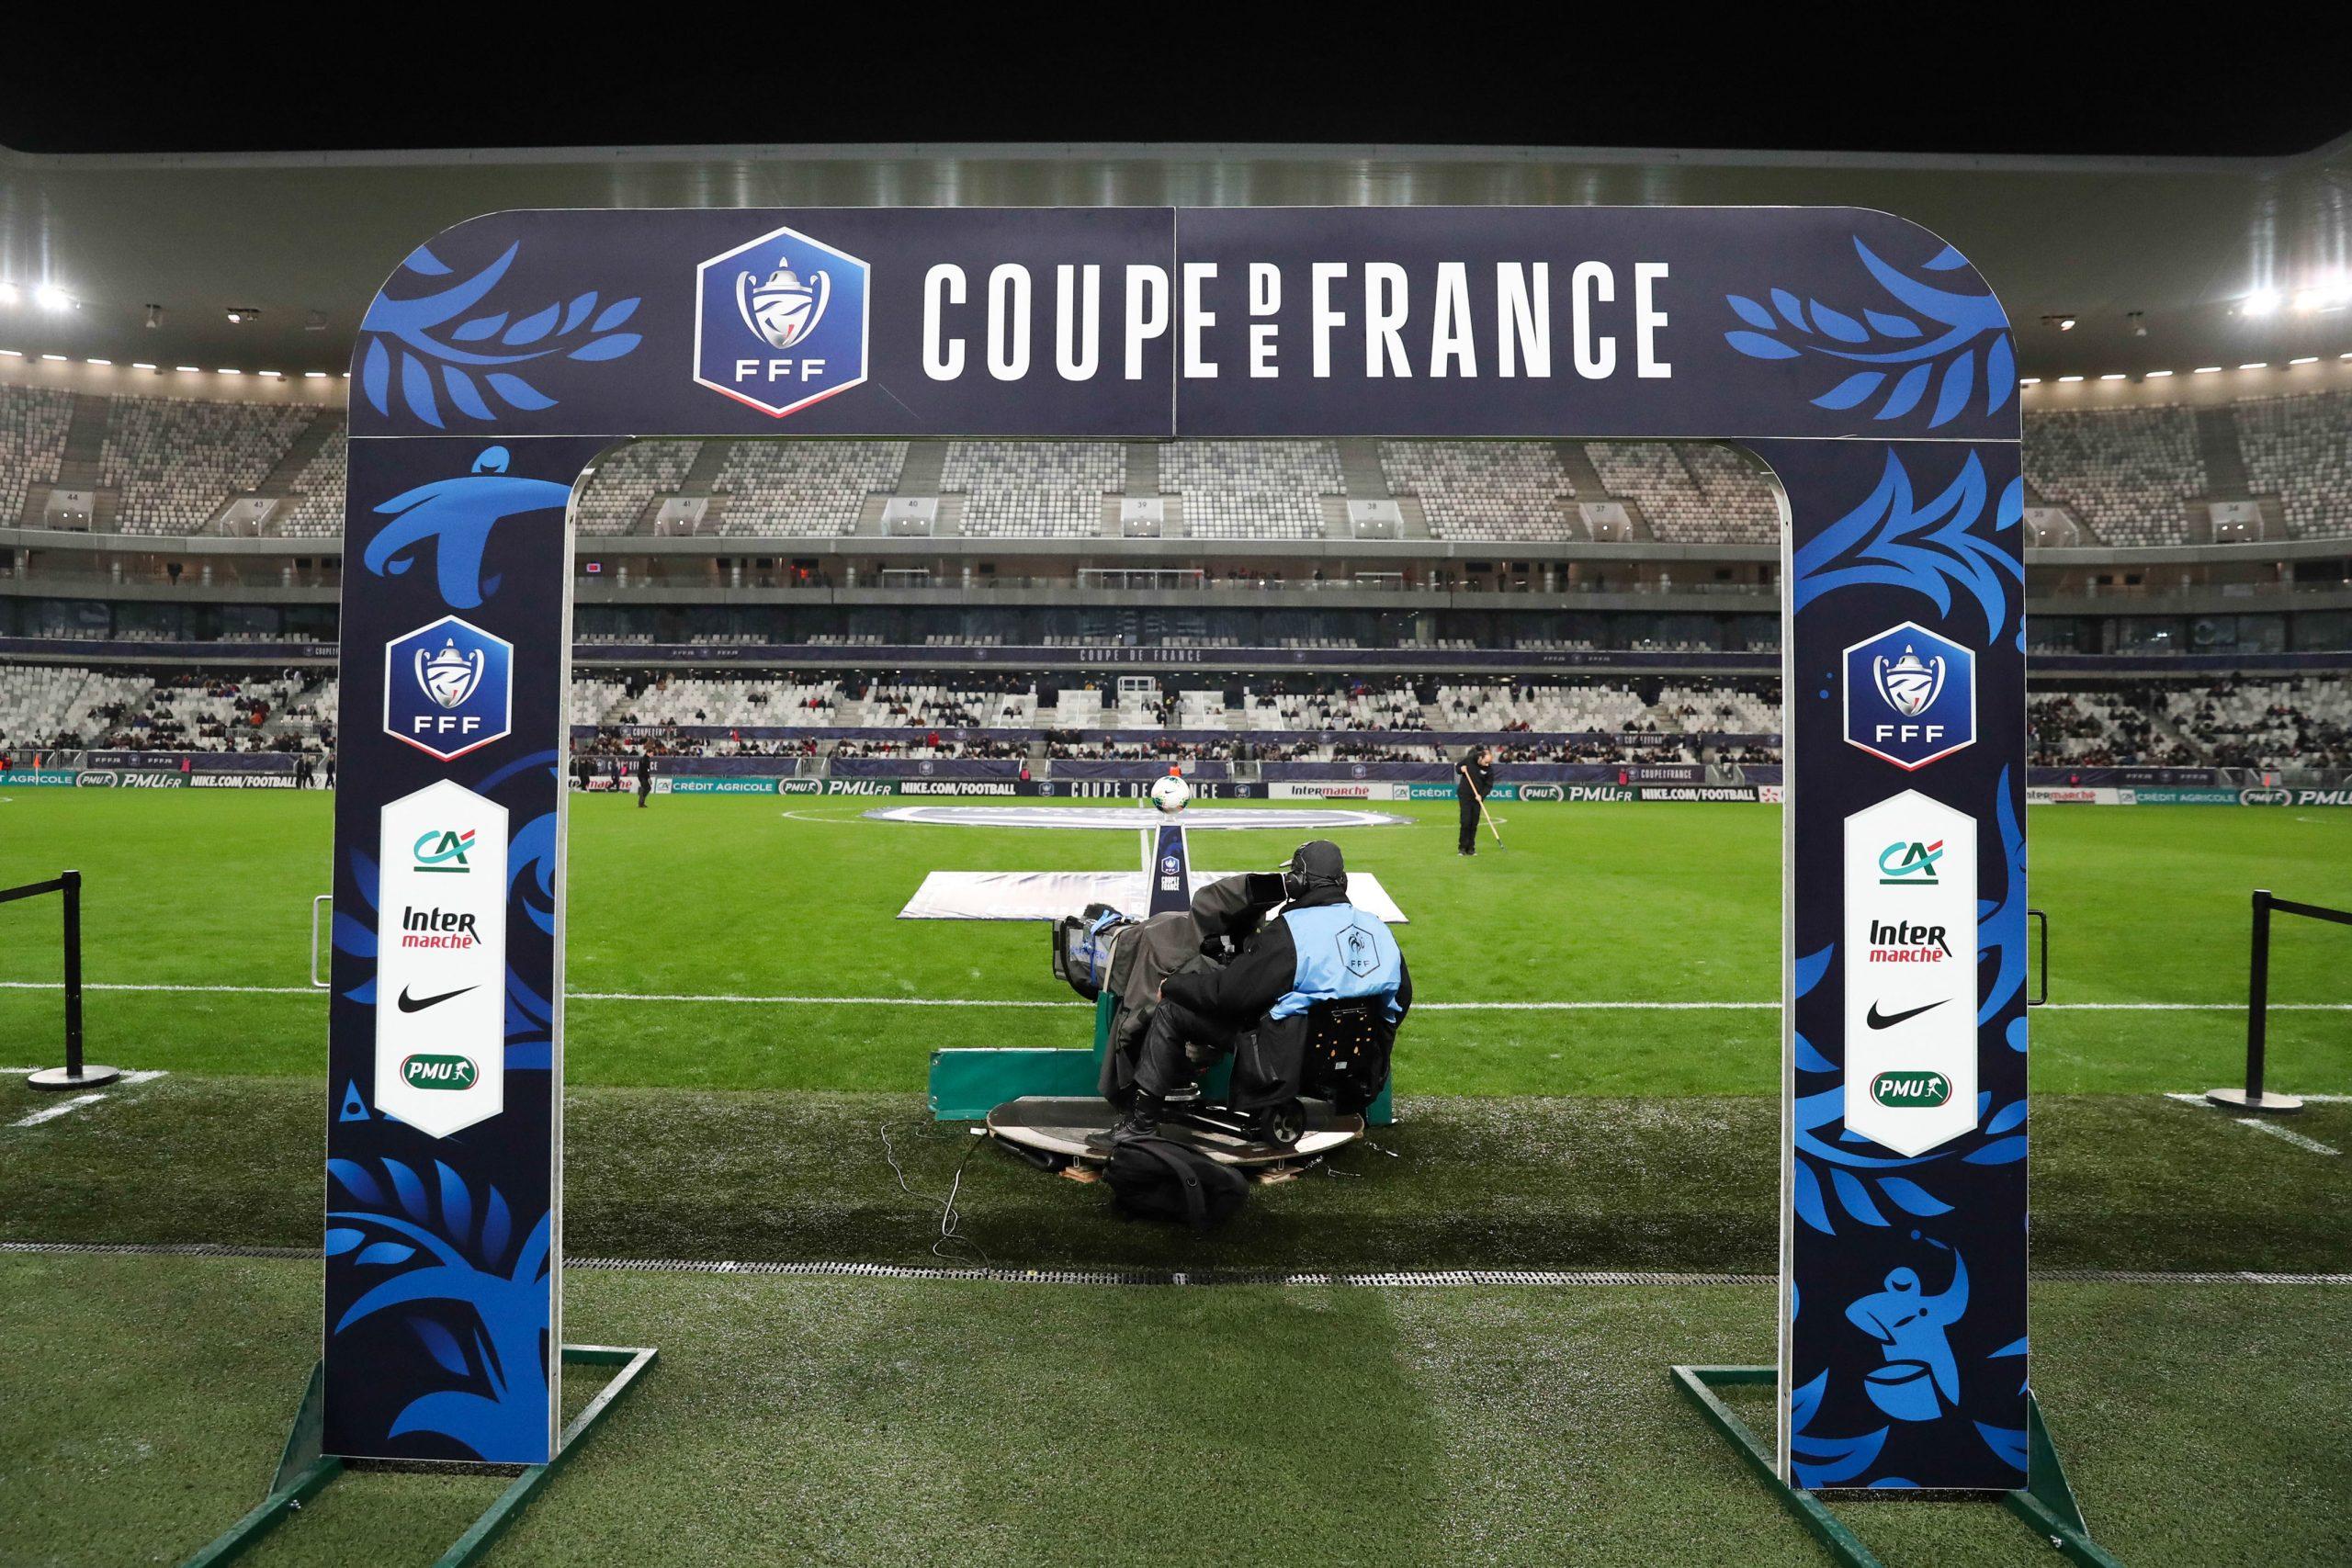 Coupe de France - Le tirage complet du 8e tour et des 32es de finale, le PSG face à Caen ou Guingamp